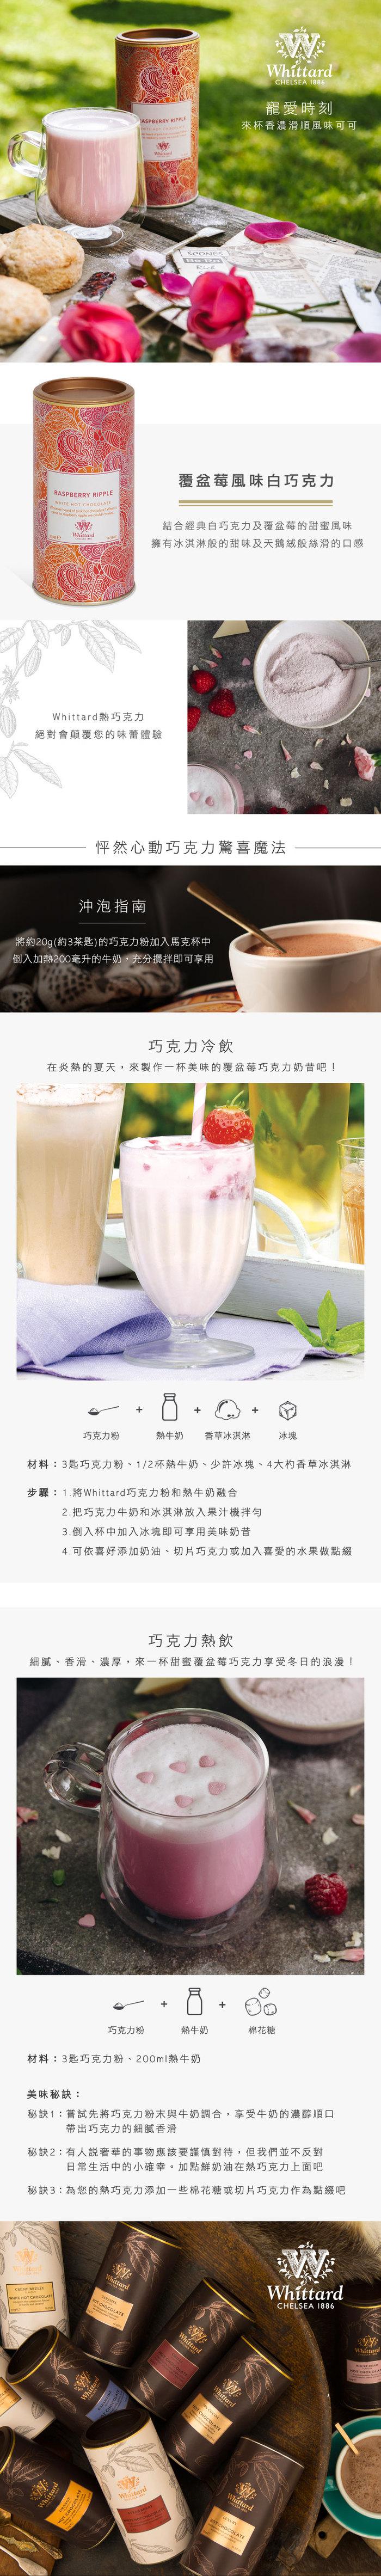 (複製)Whittard   經典奢華白巧克力粉